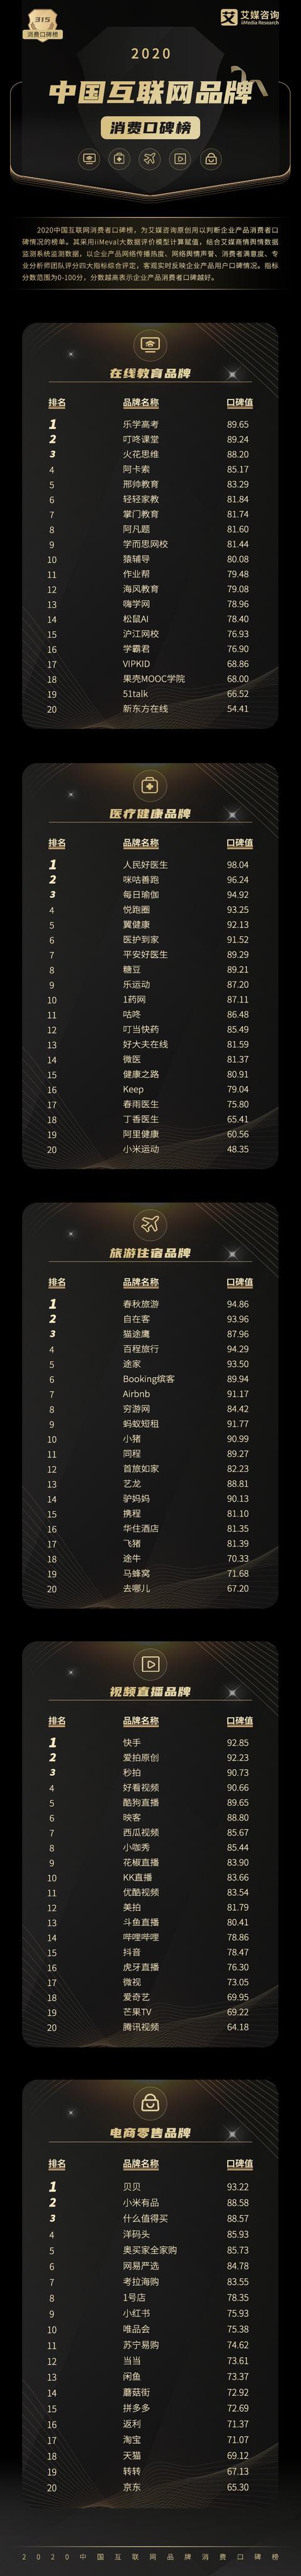 """2020中国互联网品牌""""315""""消费口碑排行榜"""